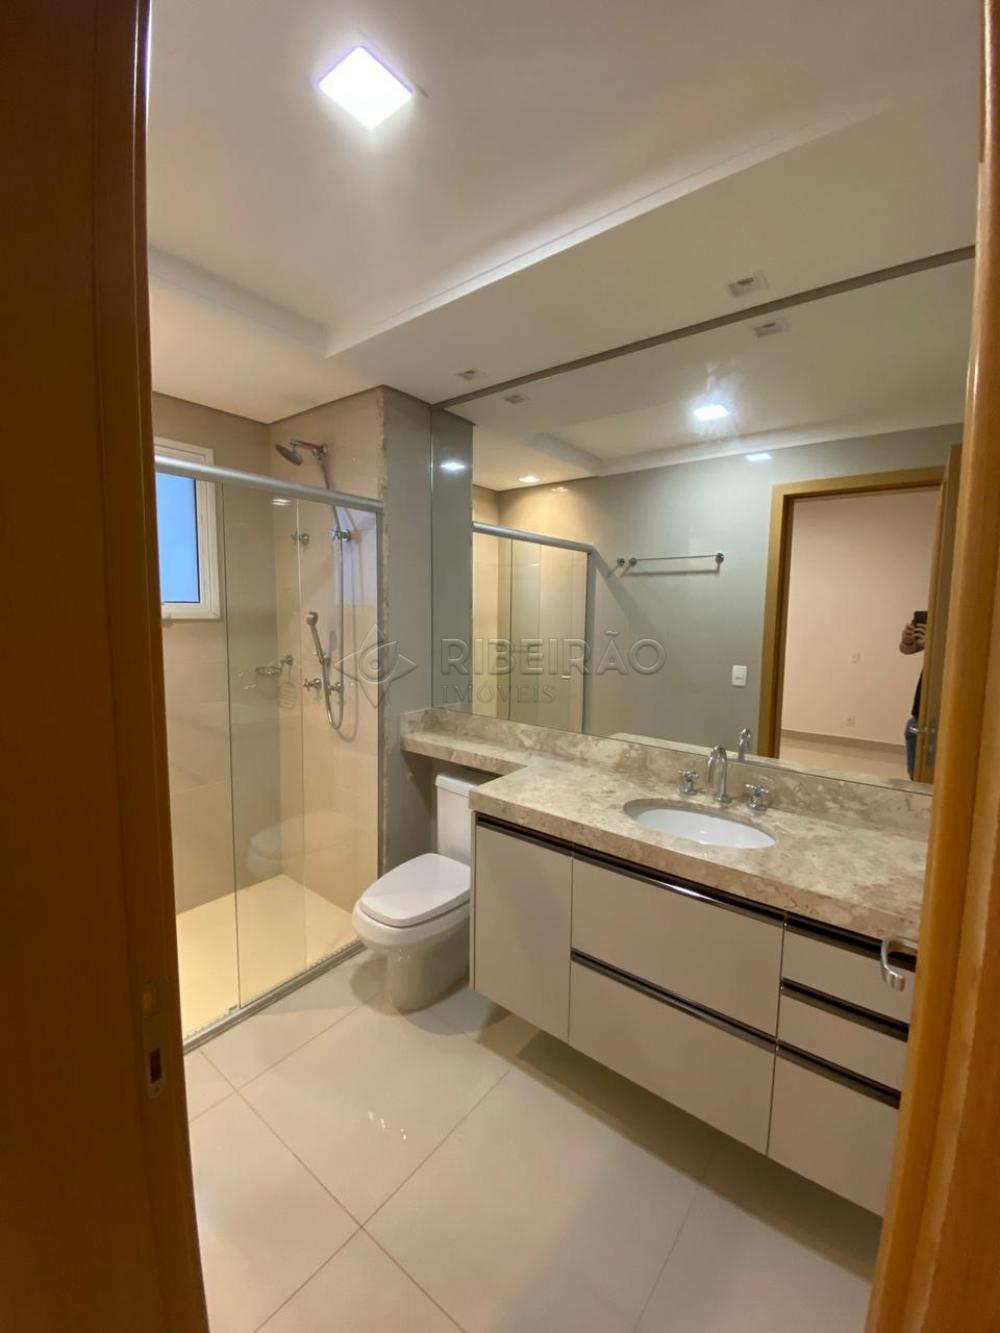 Alugar Apartamento / Padrão em Ribeirão Preto R$ 8.600,00 - Foto 12